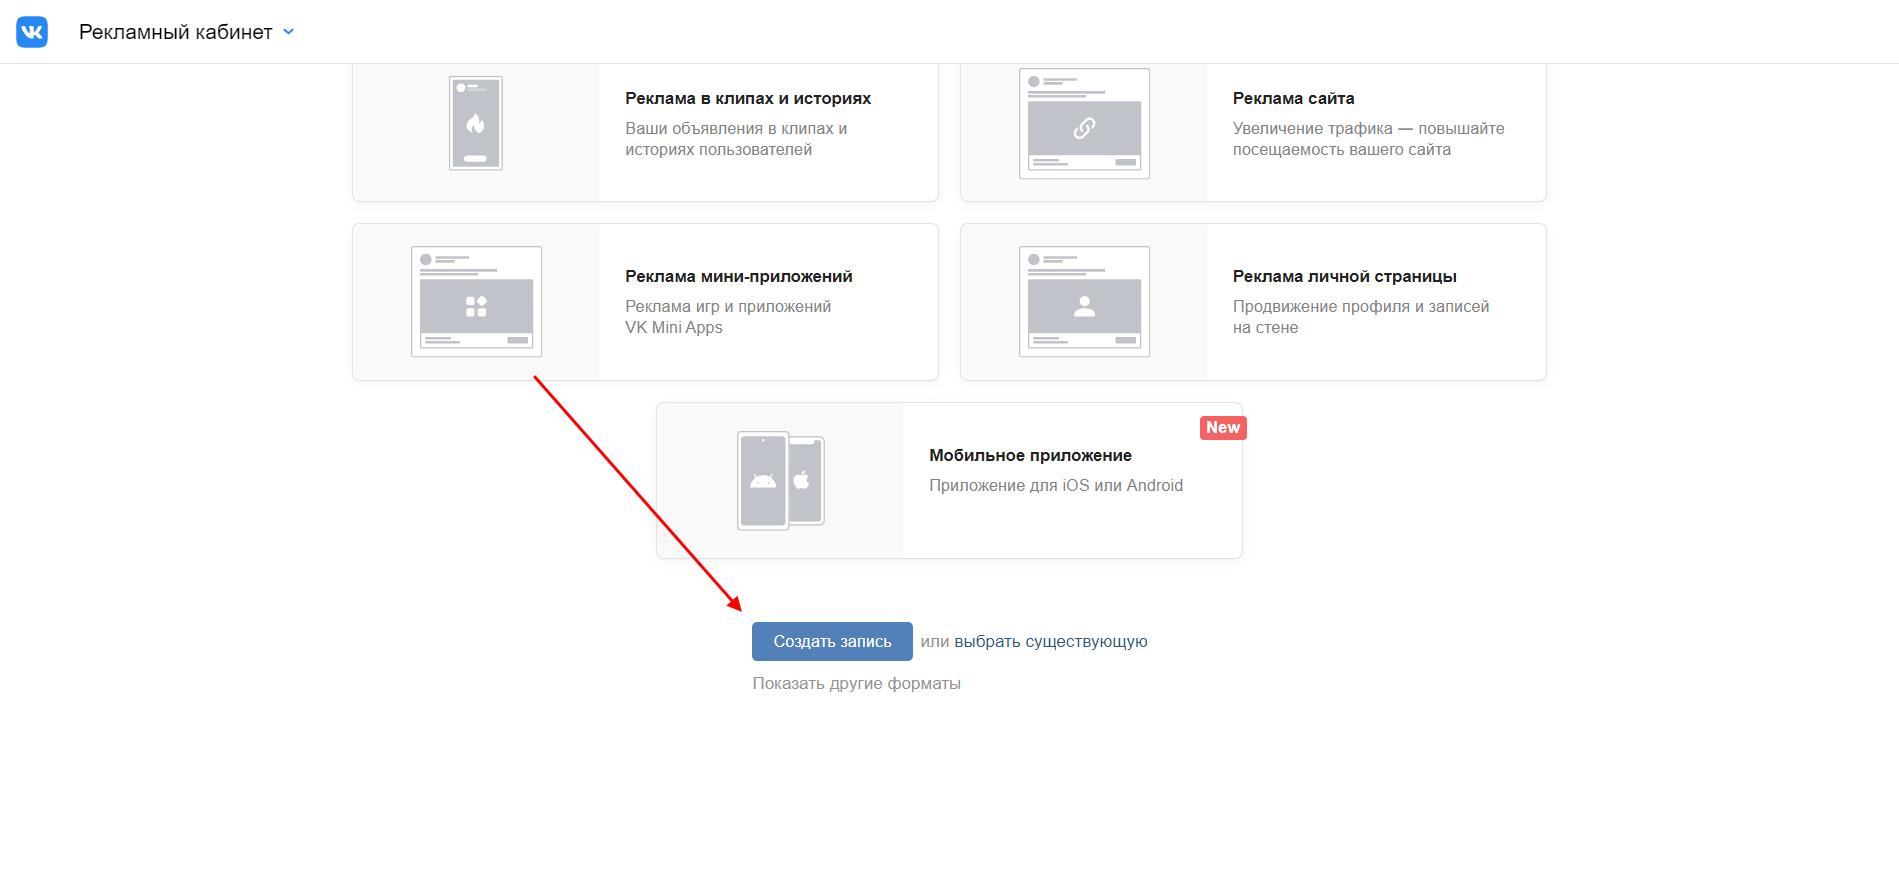 Как создать свою рекламу во Вконтакте